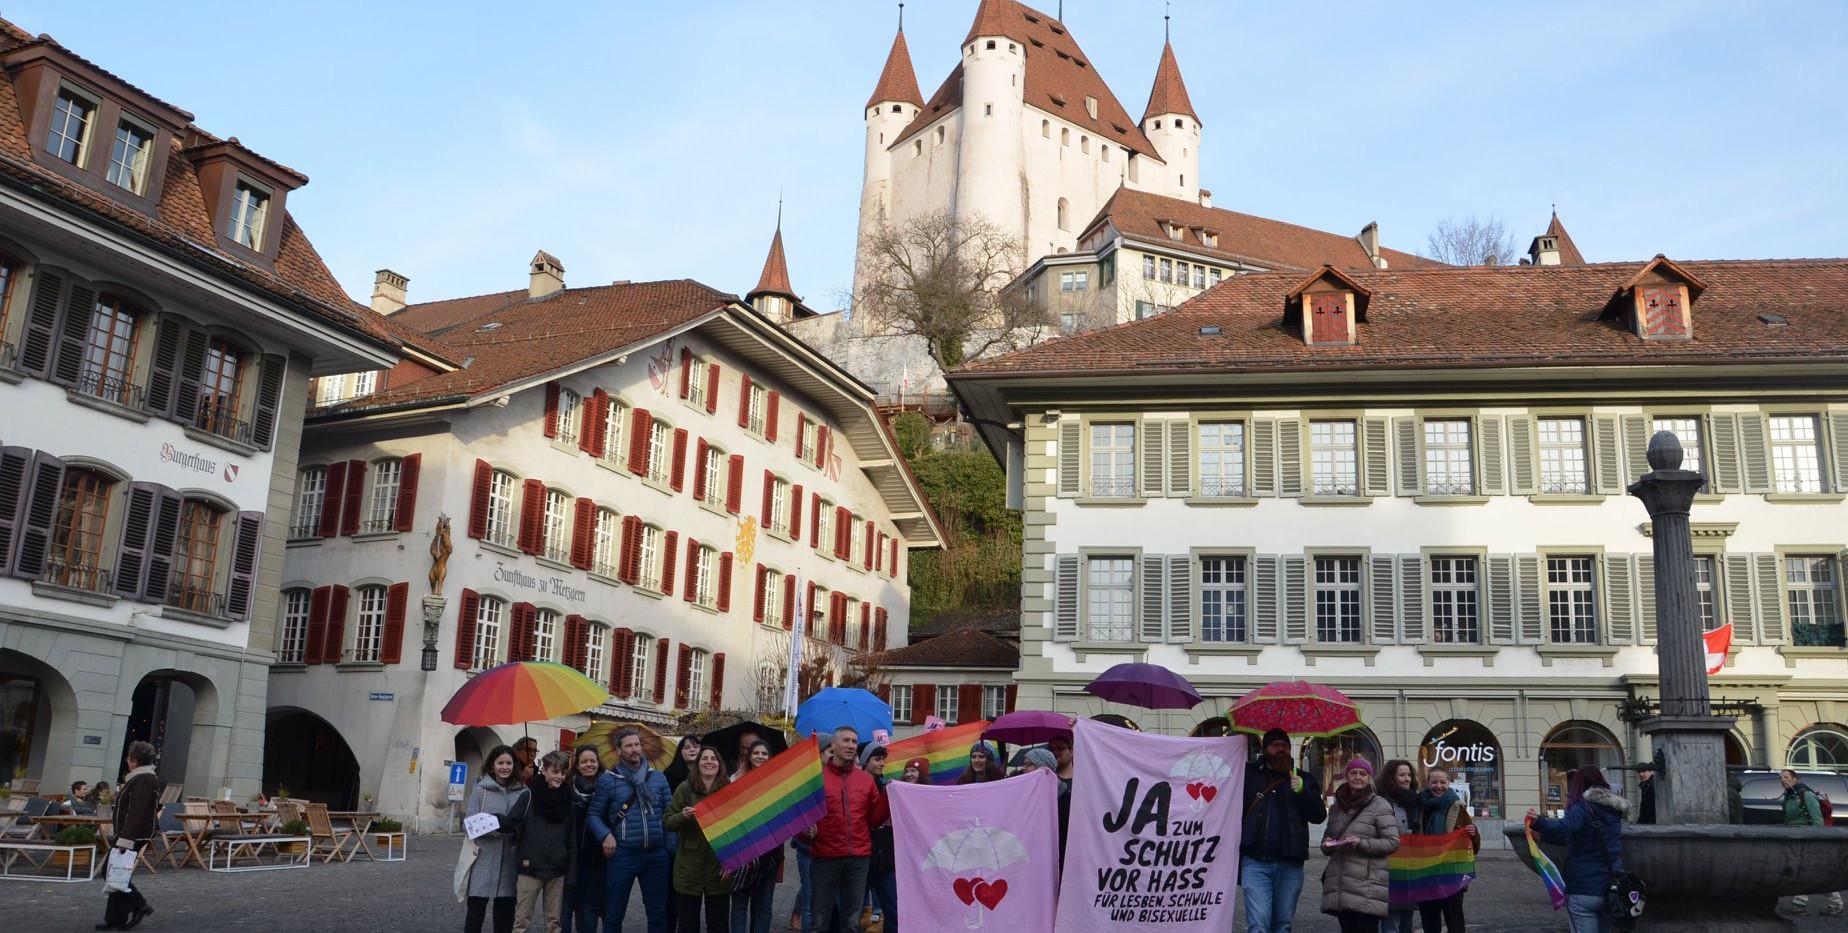 Ja-zum-Schutz-Spaziergang: Abschluss auf dem Rathausplatz